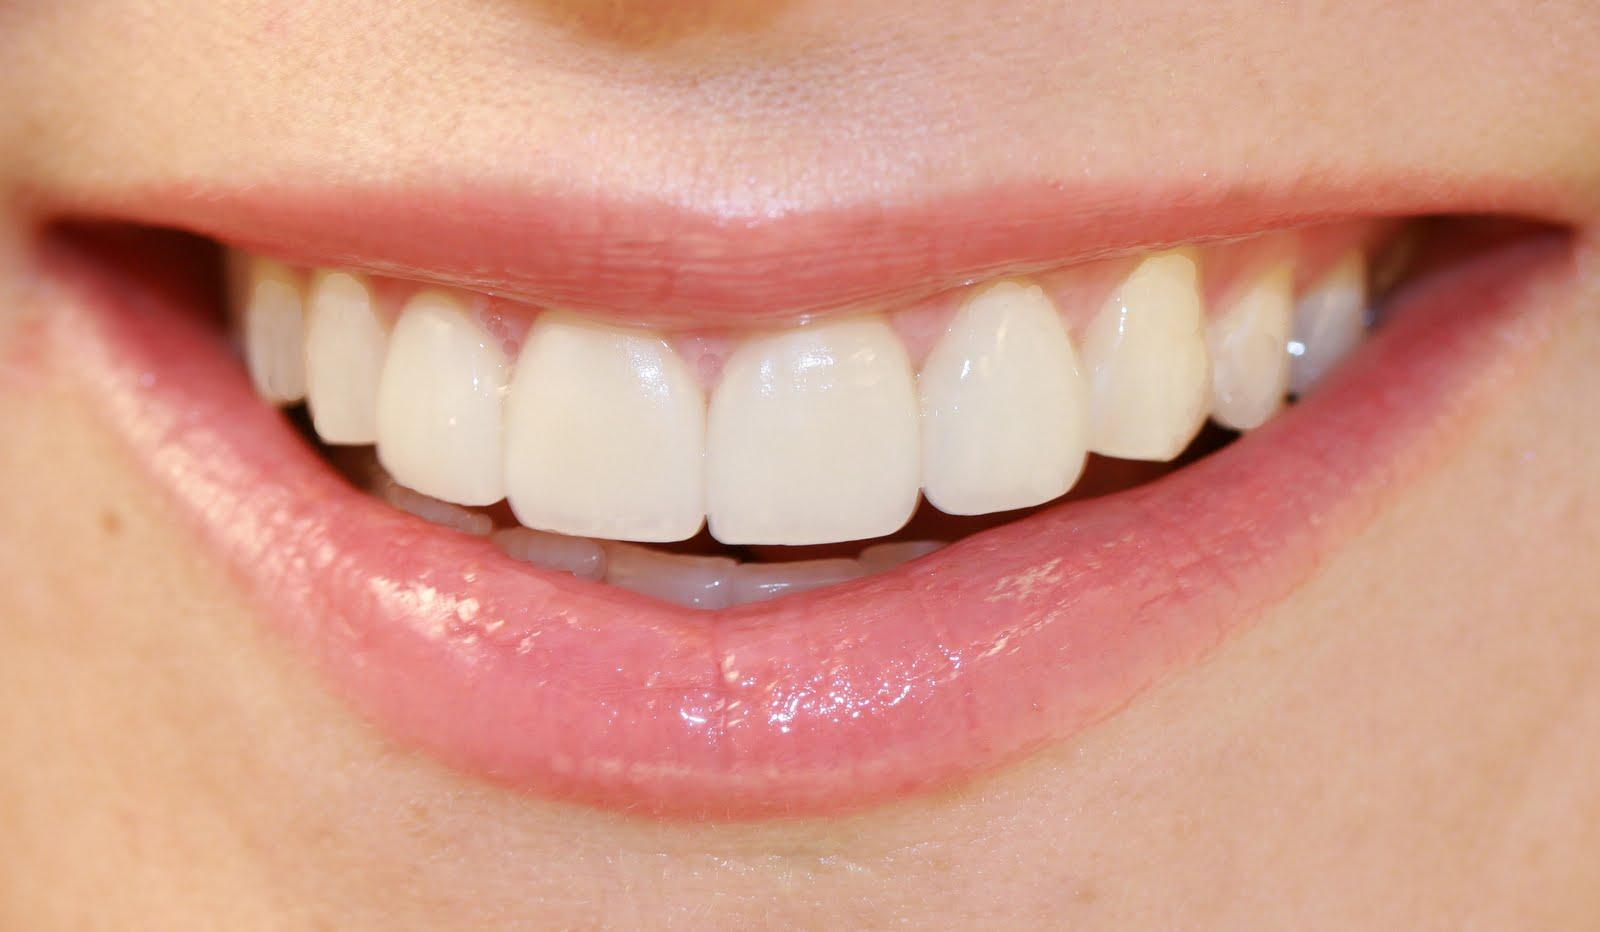 Wild Smiles by Dr. Kapus